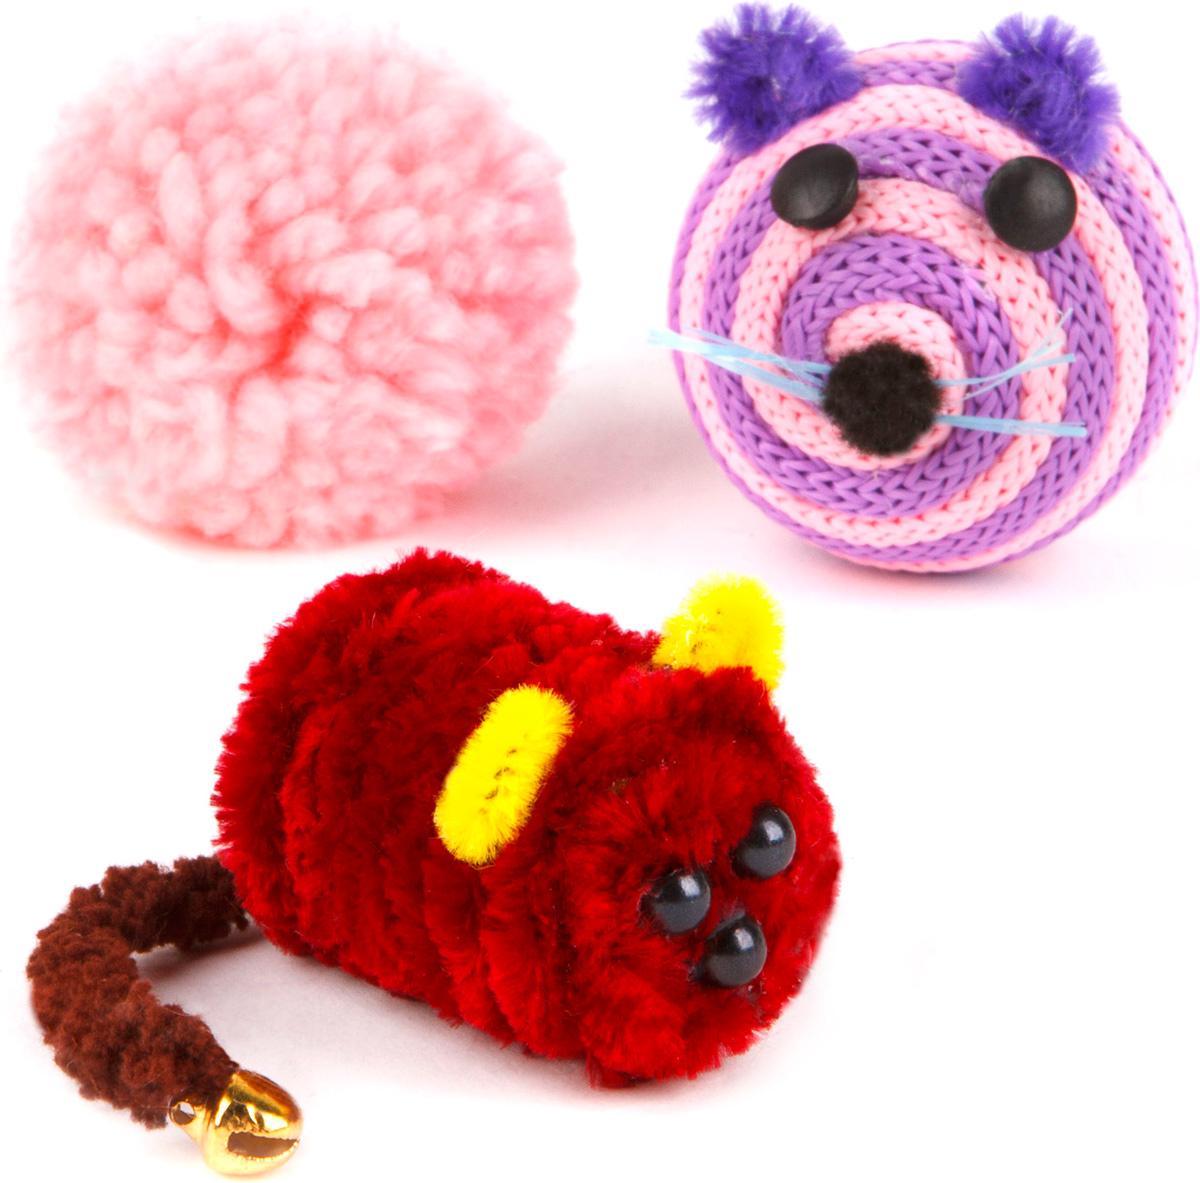 Игрушка для кошек GLG Ассорти, 3 шт игрушки для животных zoobaloo игрушка для кошки бамбук меховой мячик на резинке 60см